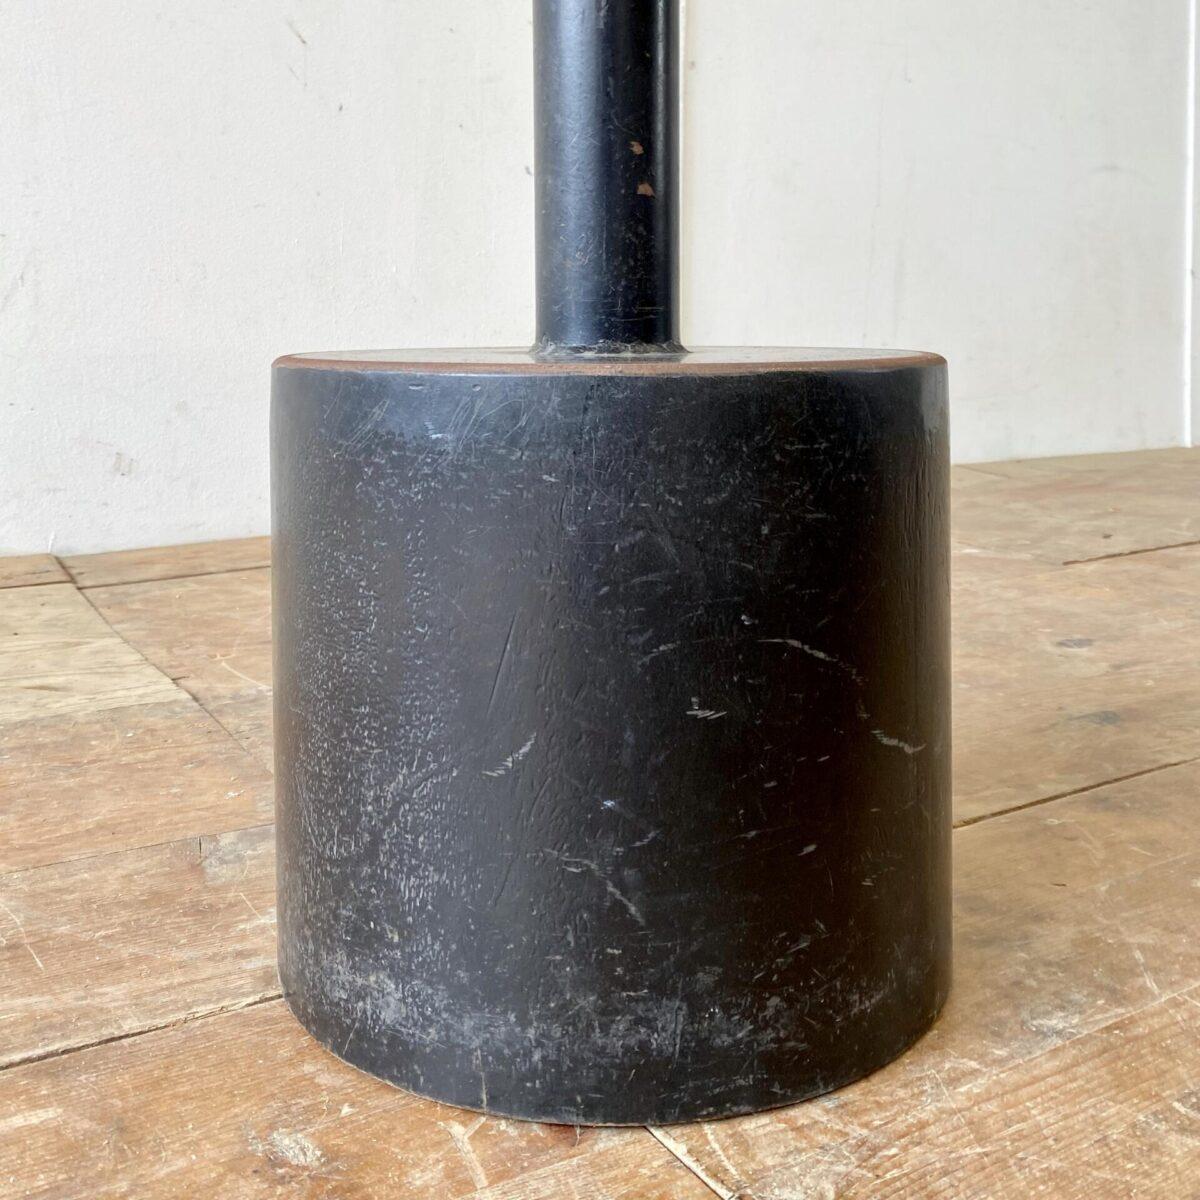 Deuxieme.shop industrial bistrotisch kaffe Tisch Küchentisch mit Gussfuss. Runder Eichenholz Bistrotisch mit Metallfuss. Durchmesser 60cm Höhe 73cm. Das Vollholz Tischblatt ist mit Naturöl behandelt, schwerer Metallfuss mit Patina.